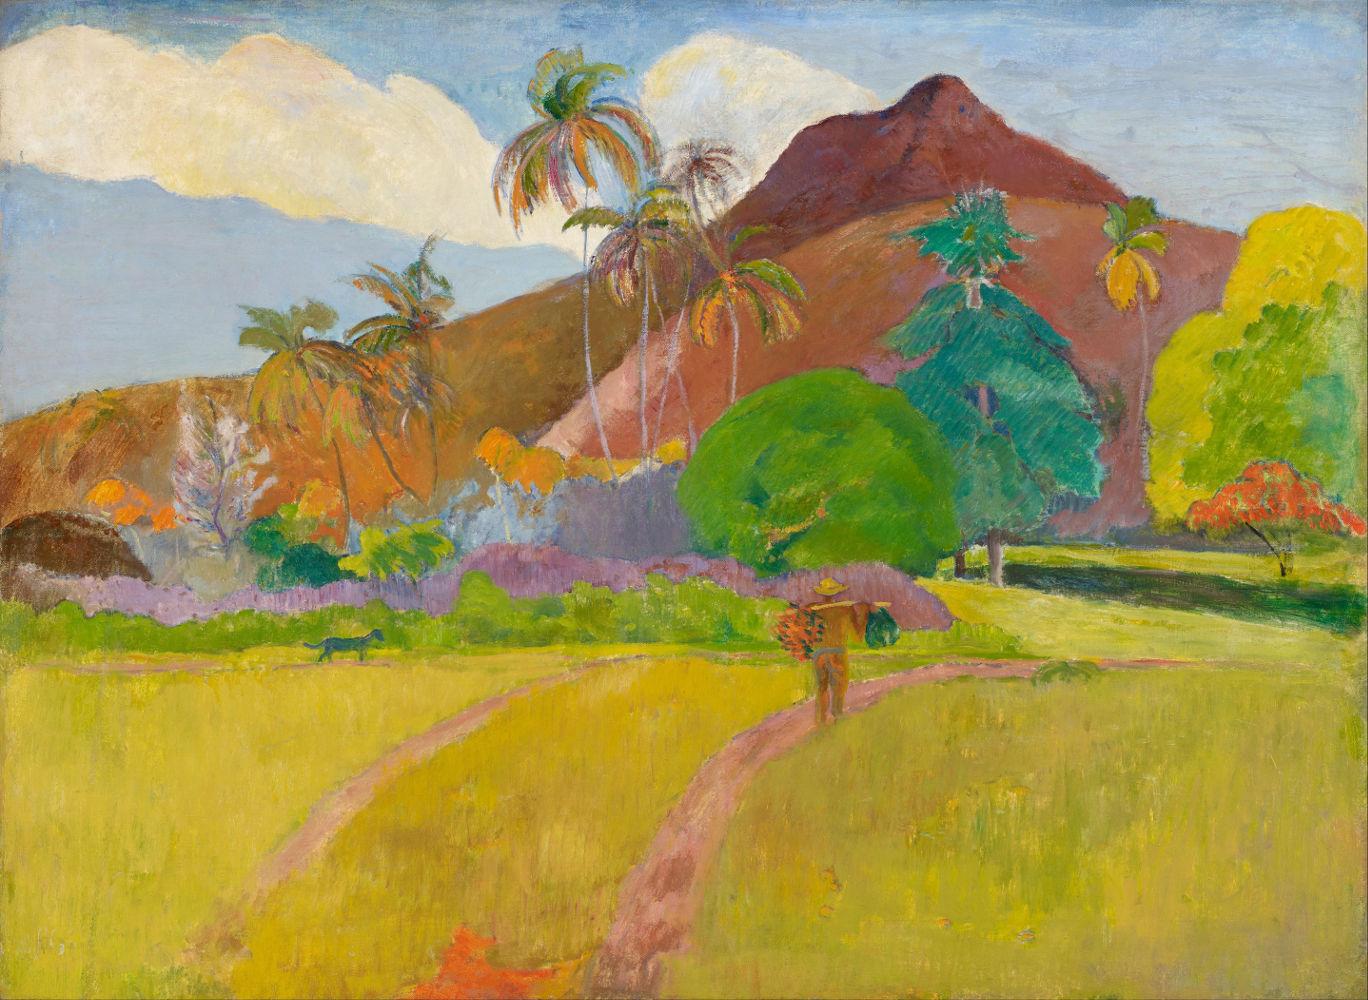 Ταϊτιανό Τοπίο (1891) - Ίδρυμα Καλών Τεχνών Μινεάπολης ΗΠΑ